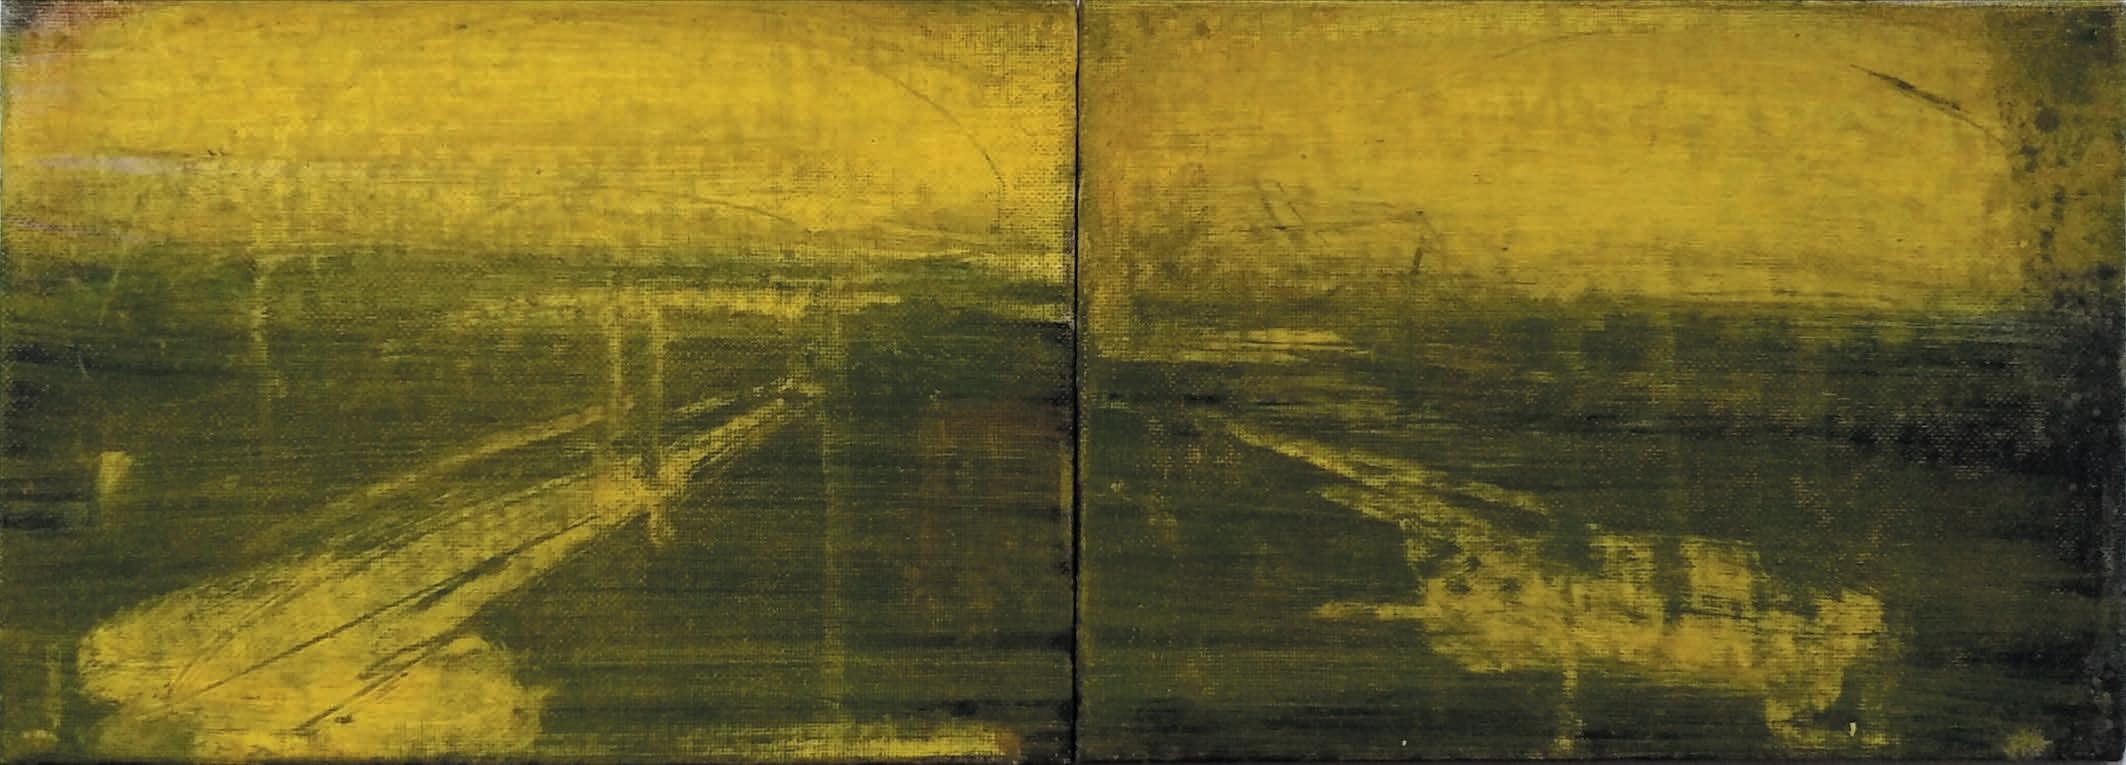 Massimo Romani, Landscape (12)- 2019 - olio su cartone telato - 13 x 36 cm